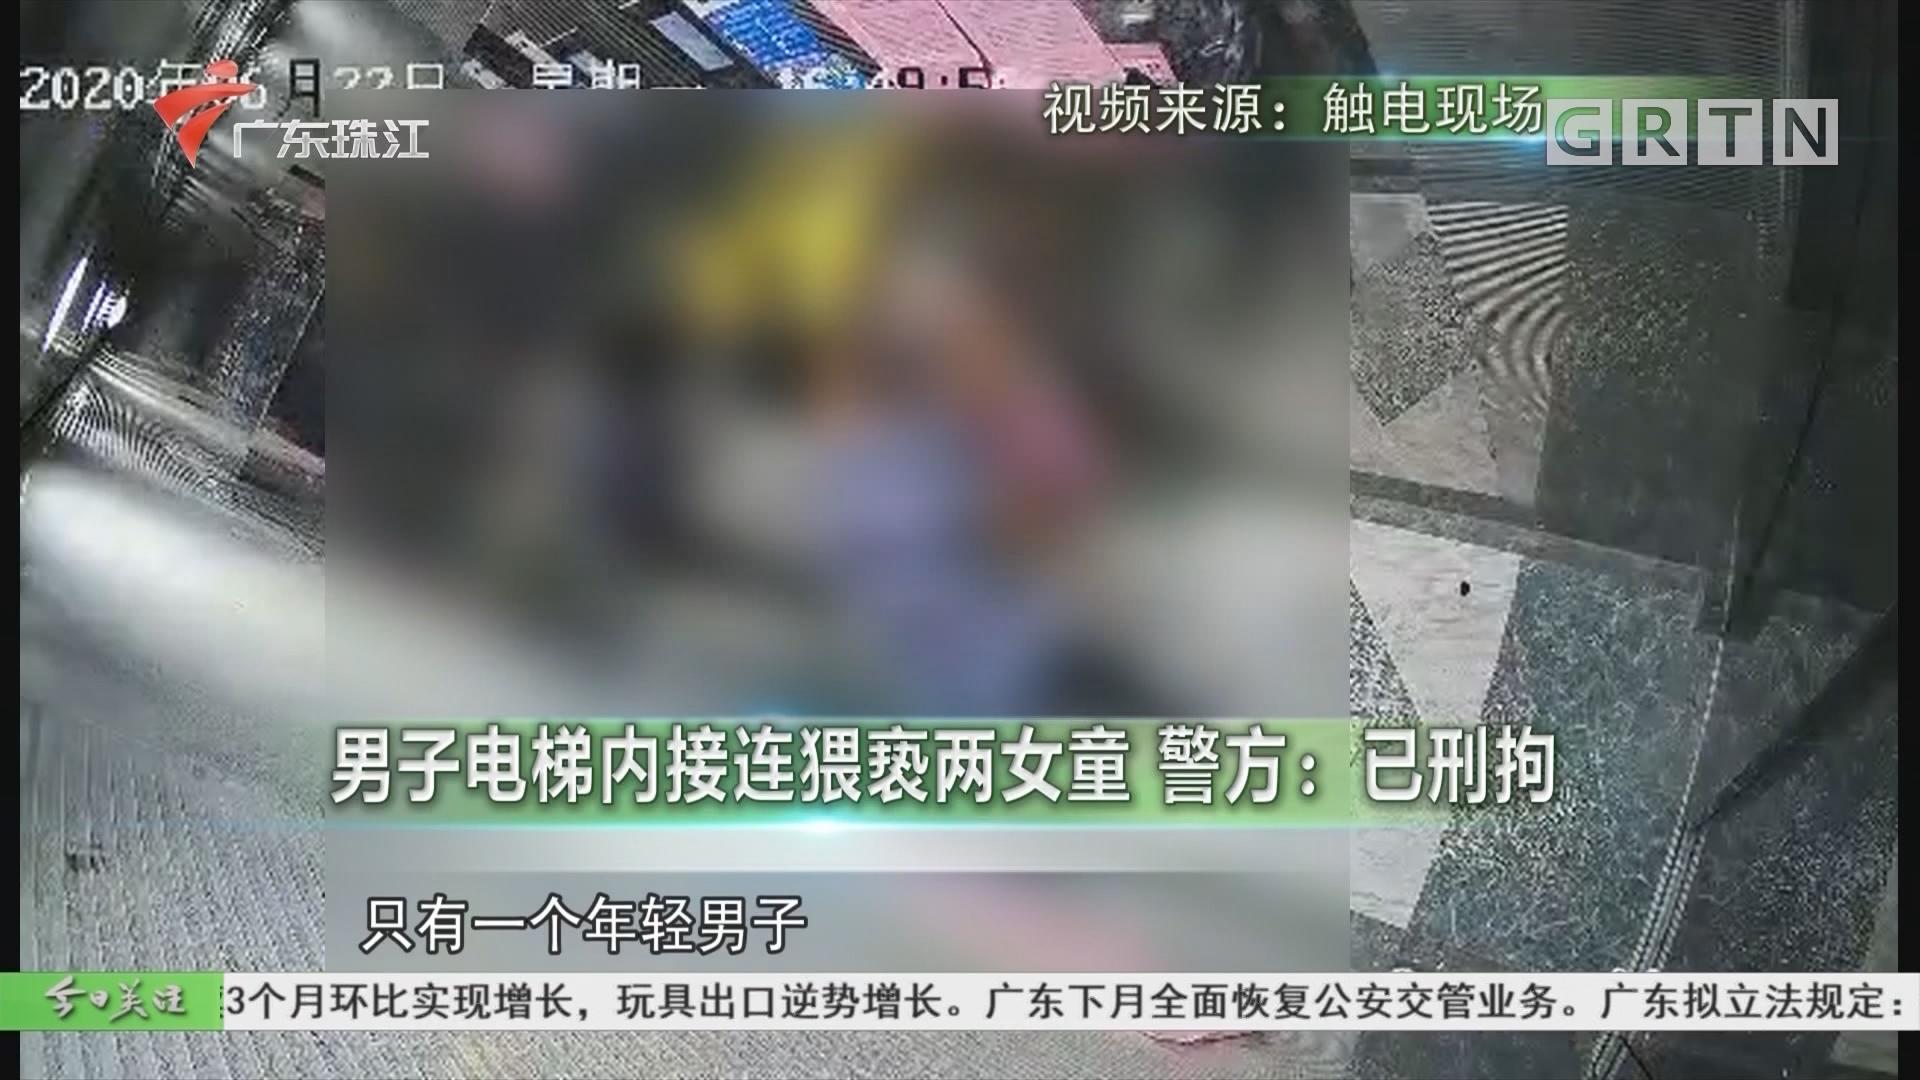 男子电梯内接连猥亵两女童 警方:已刑拘